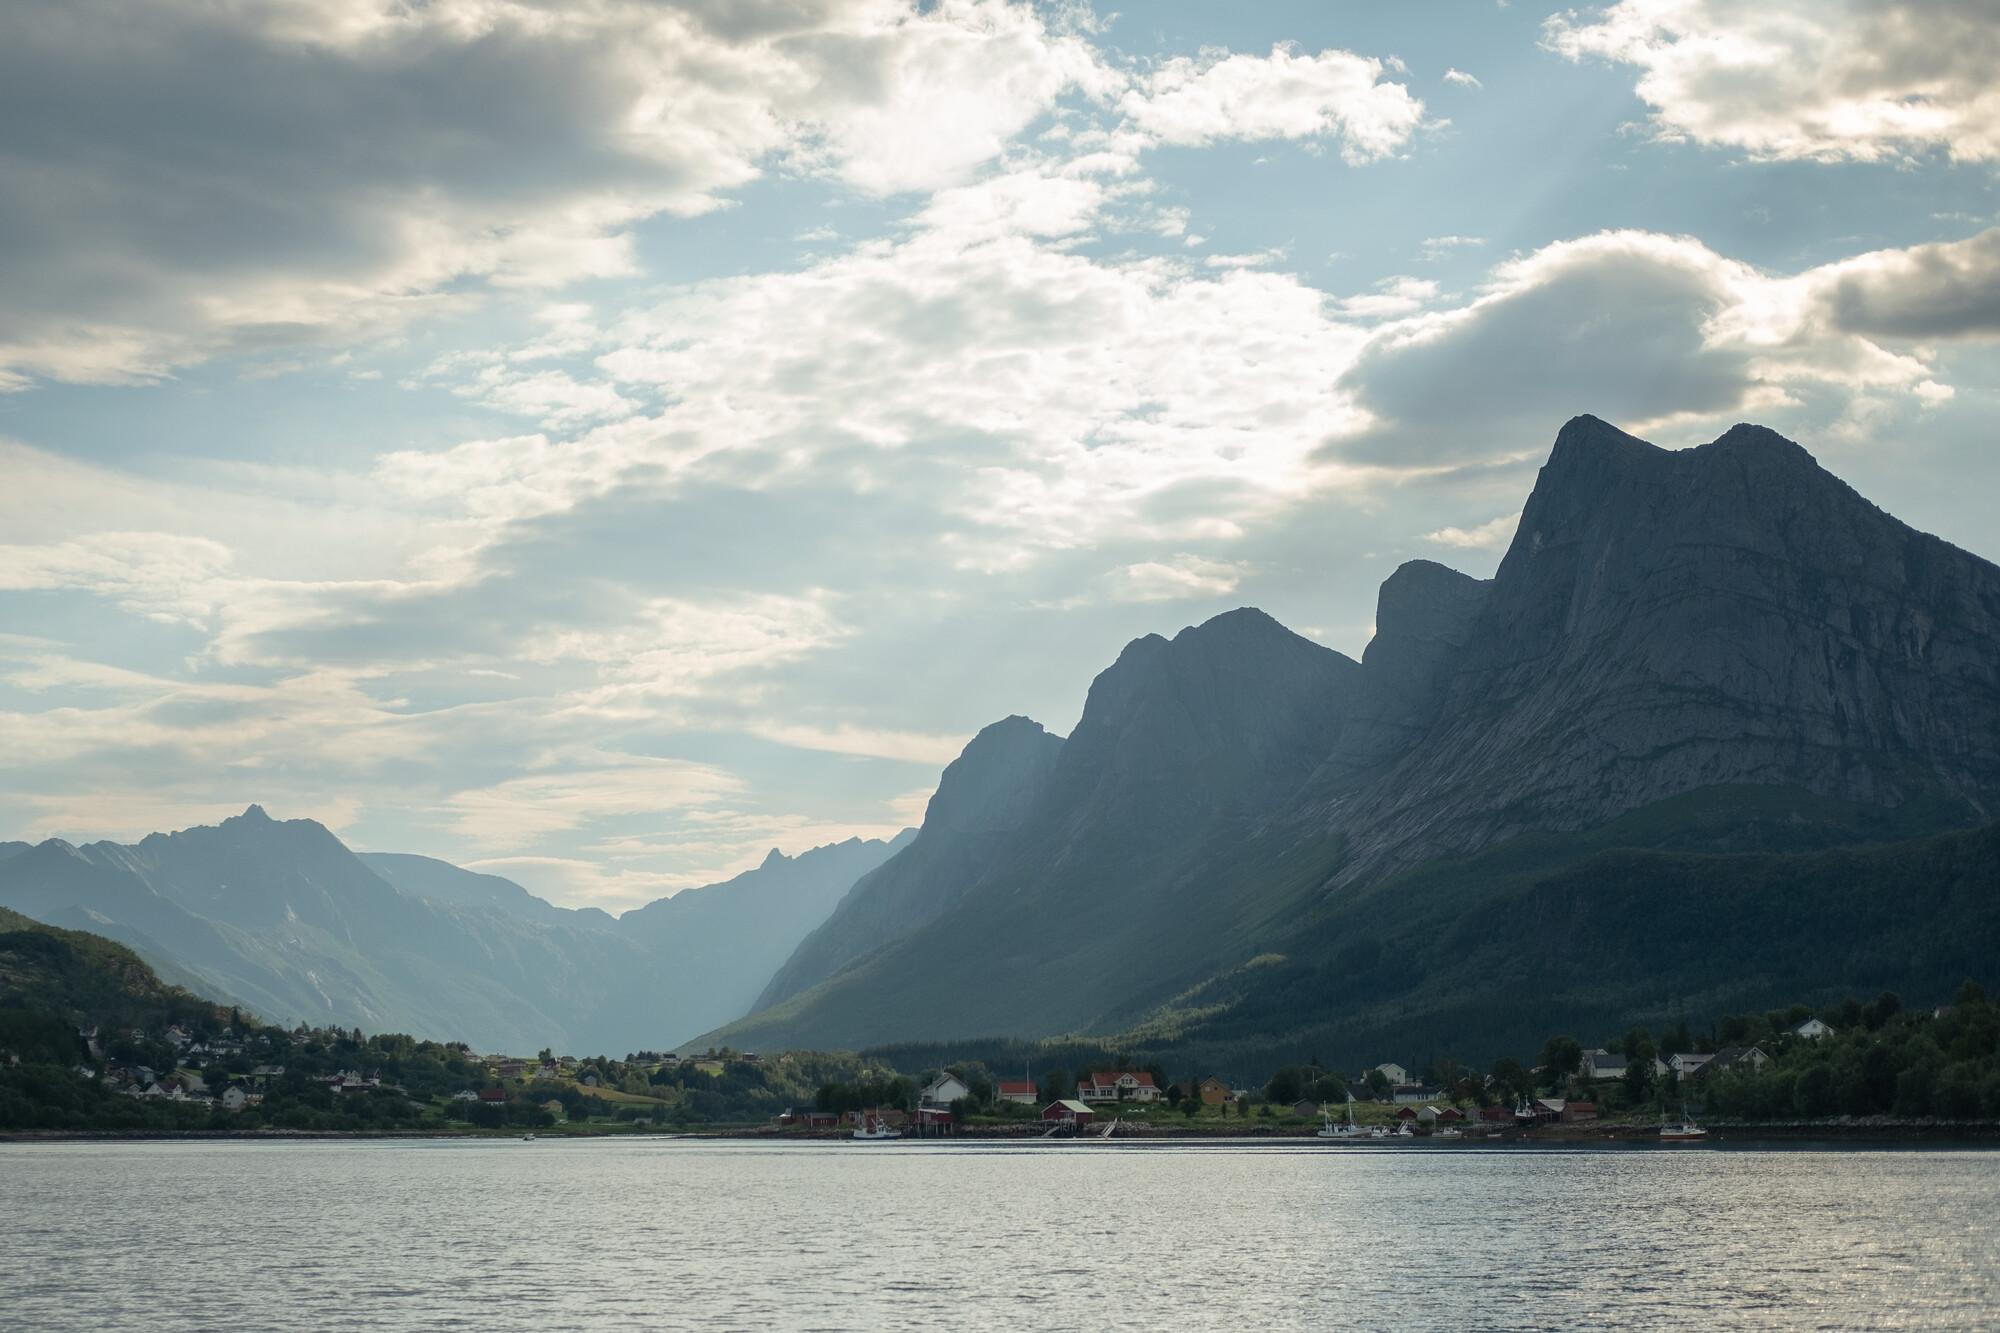 Bilde tatt under Ekspedisjon Barents